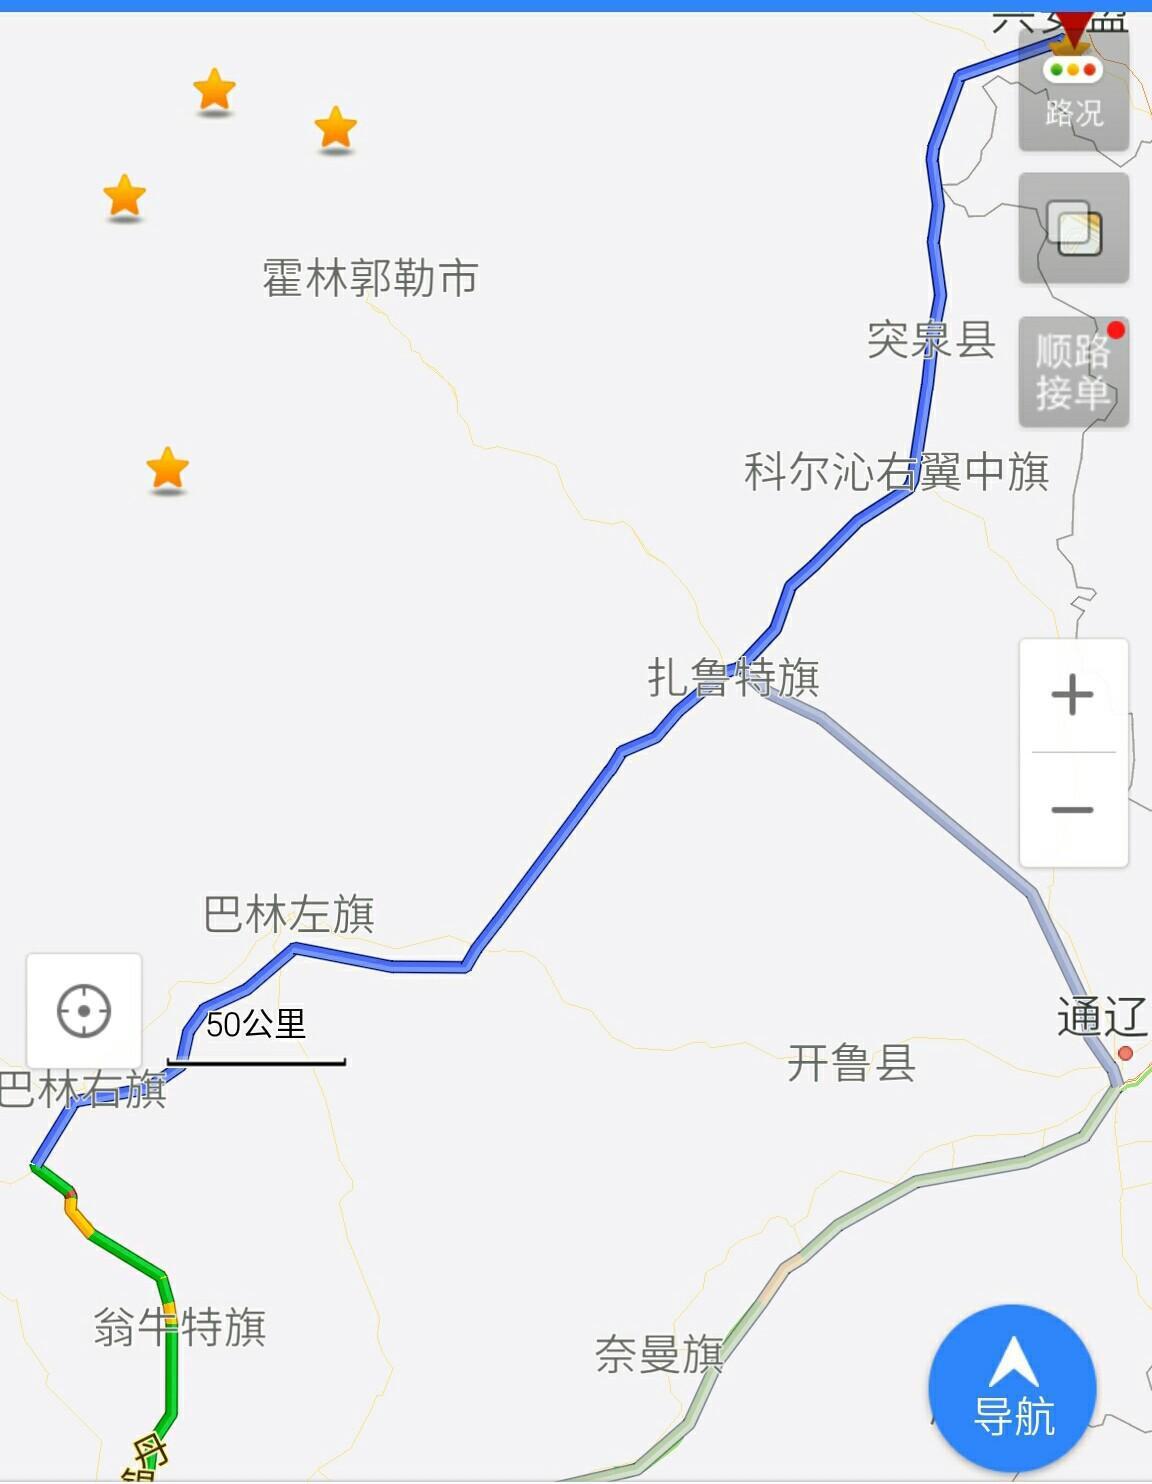 额尔古纳/出赤峰,丹锡高速—新的G303—s306—G111,一路经过翁牛特旗...